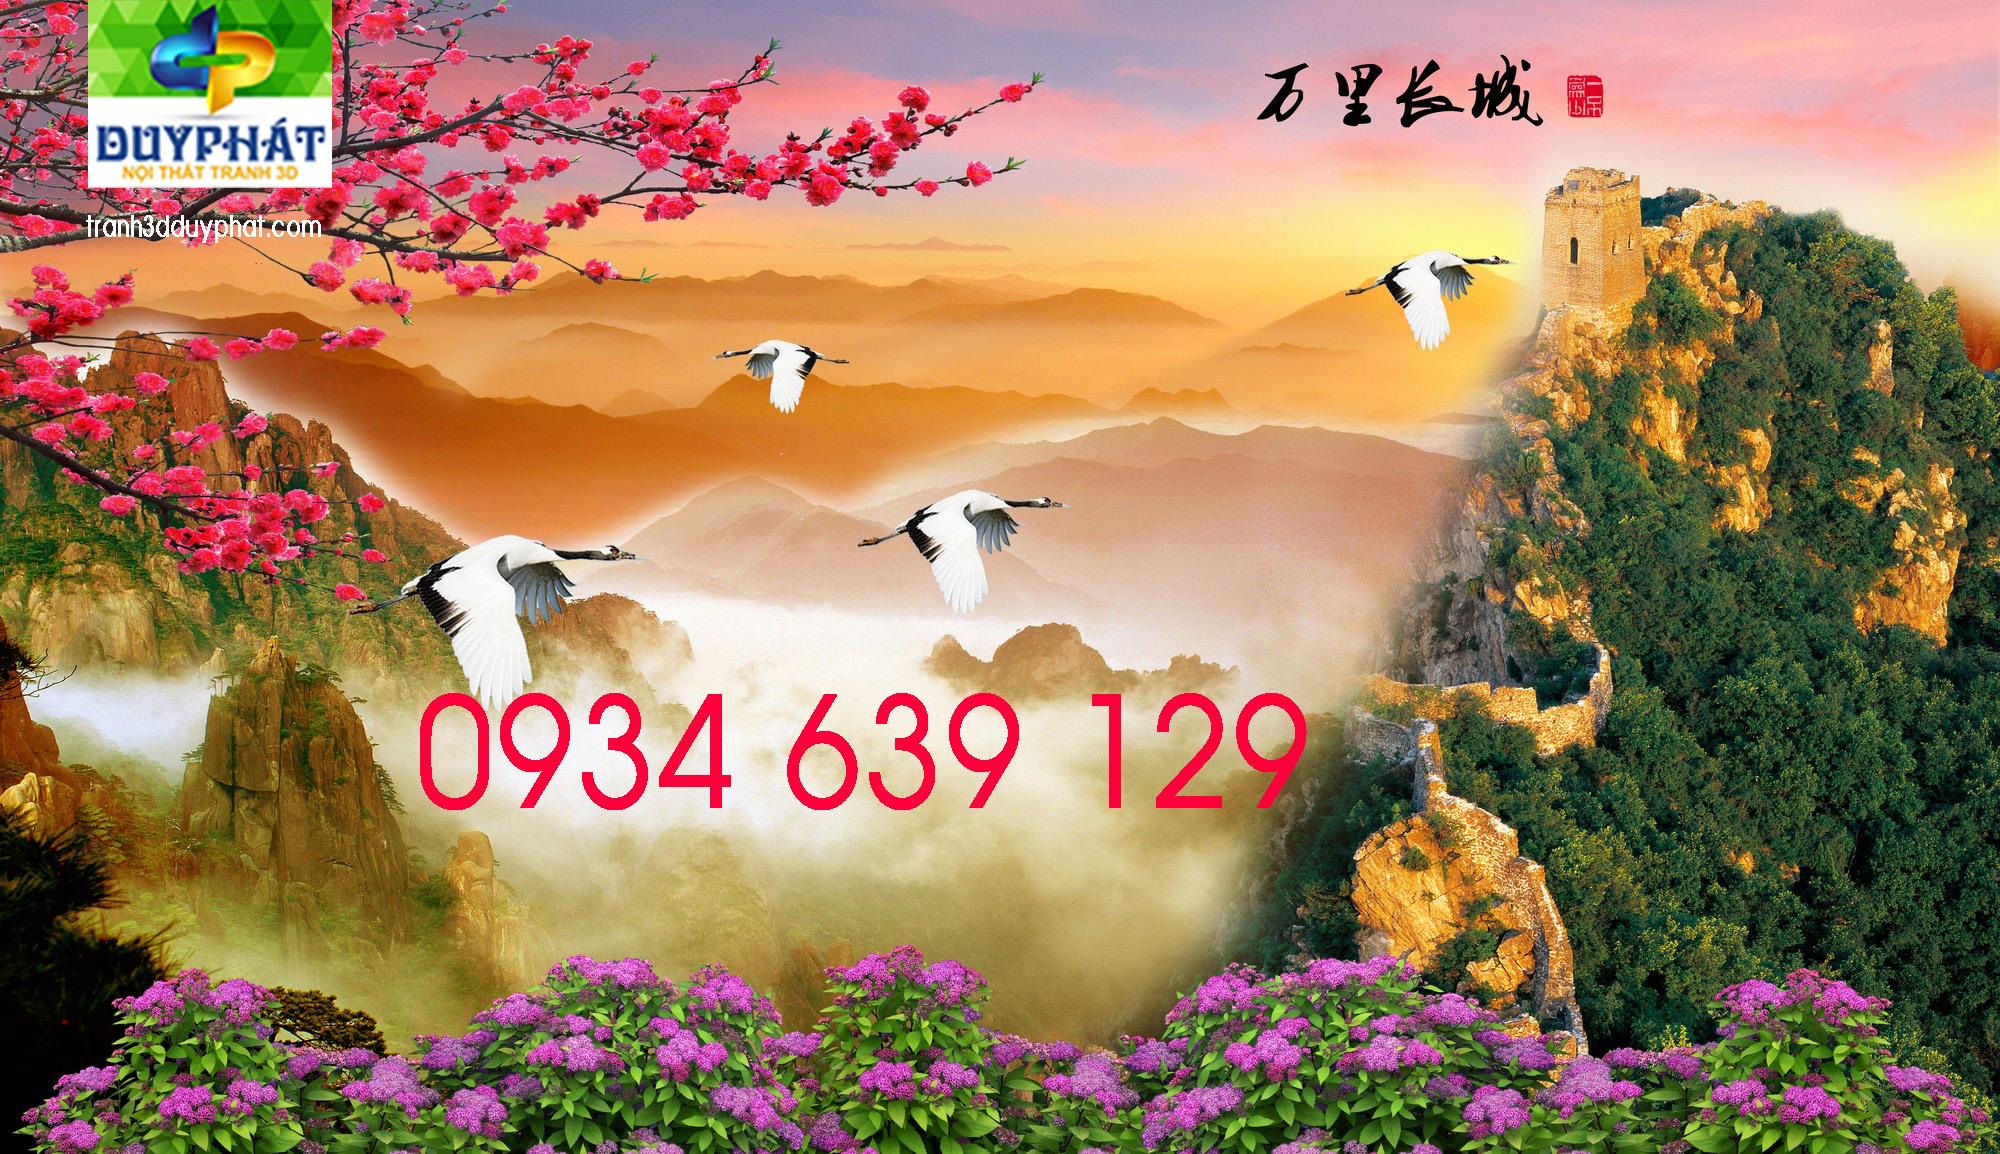 127 - Tranh thiên nhiên dán tường đẹp